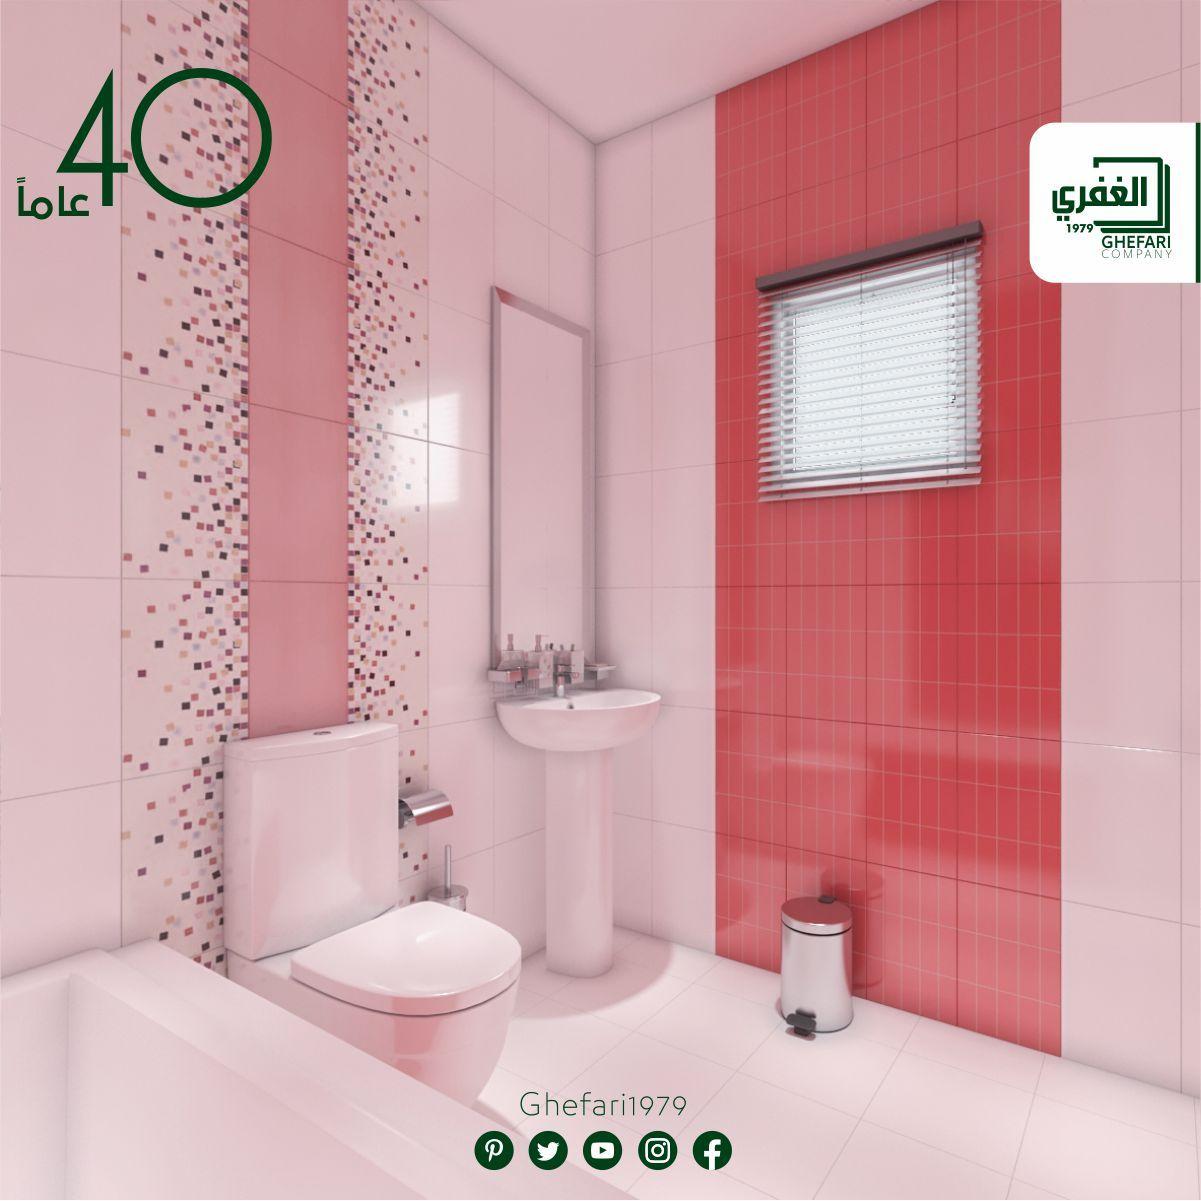 كراميكا حوائط حمامات مطبخ اسباني الصنع مقاس 25x40 للمزيد زورونا على موقع الشركة Www Ghefari Com الرقم المجاني 1700 2 Bathtub Alcove Bathtub Bathroom